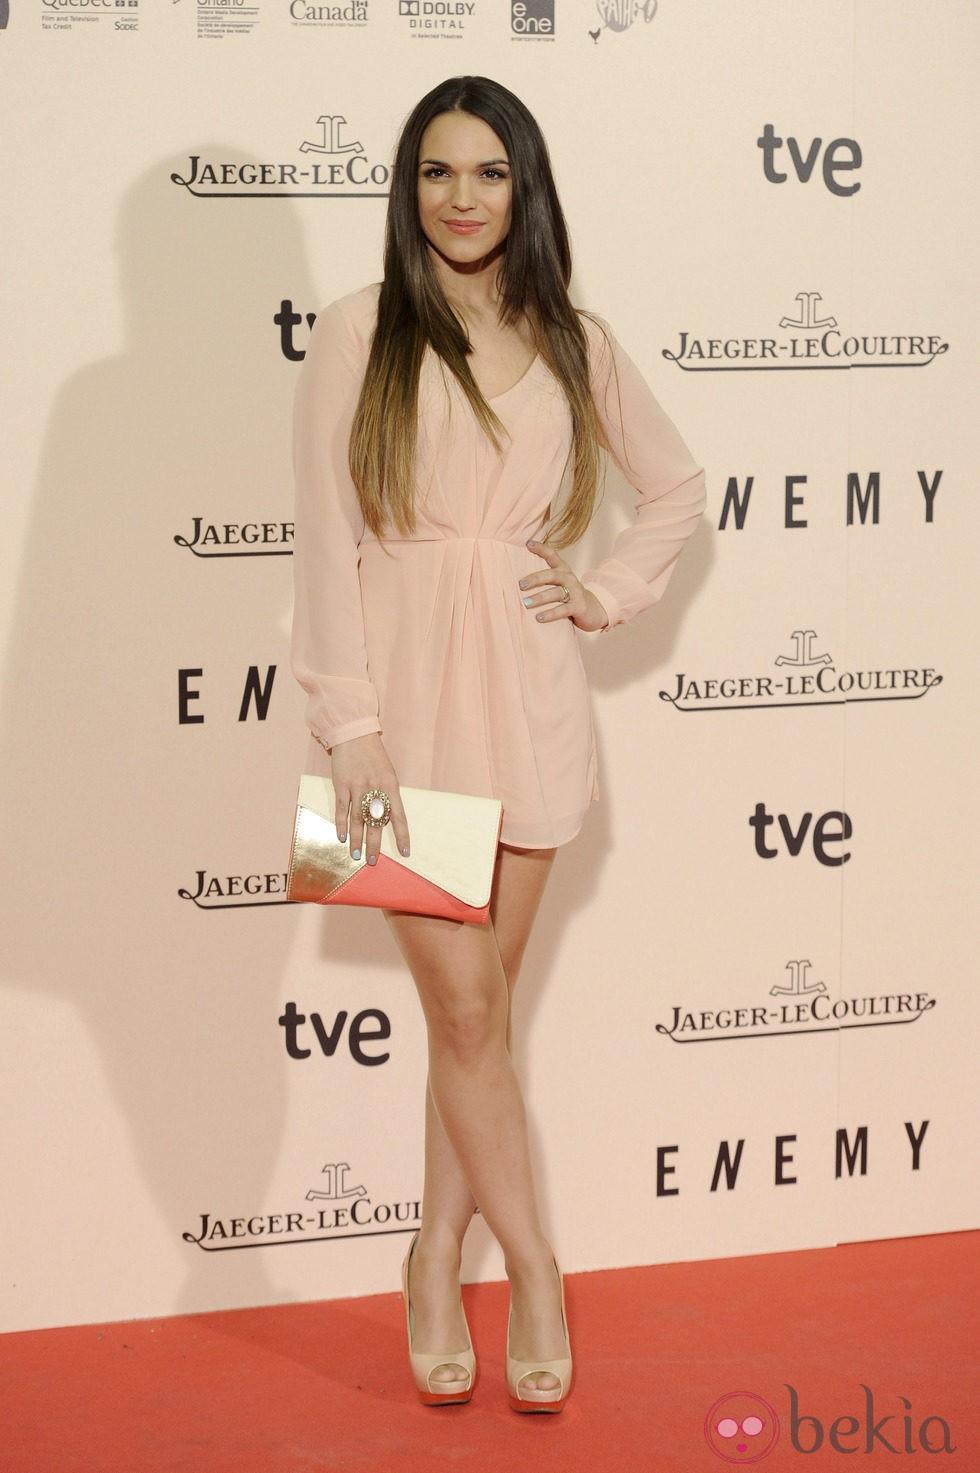 La Dama en la premiere de 'Enemy' en Madrid